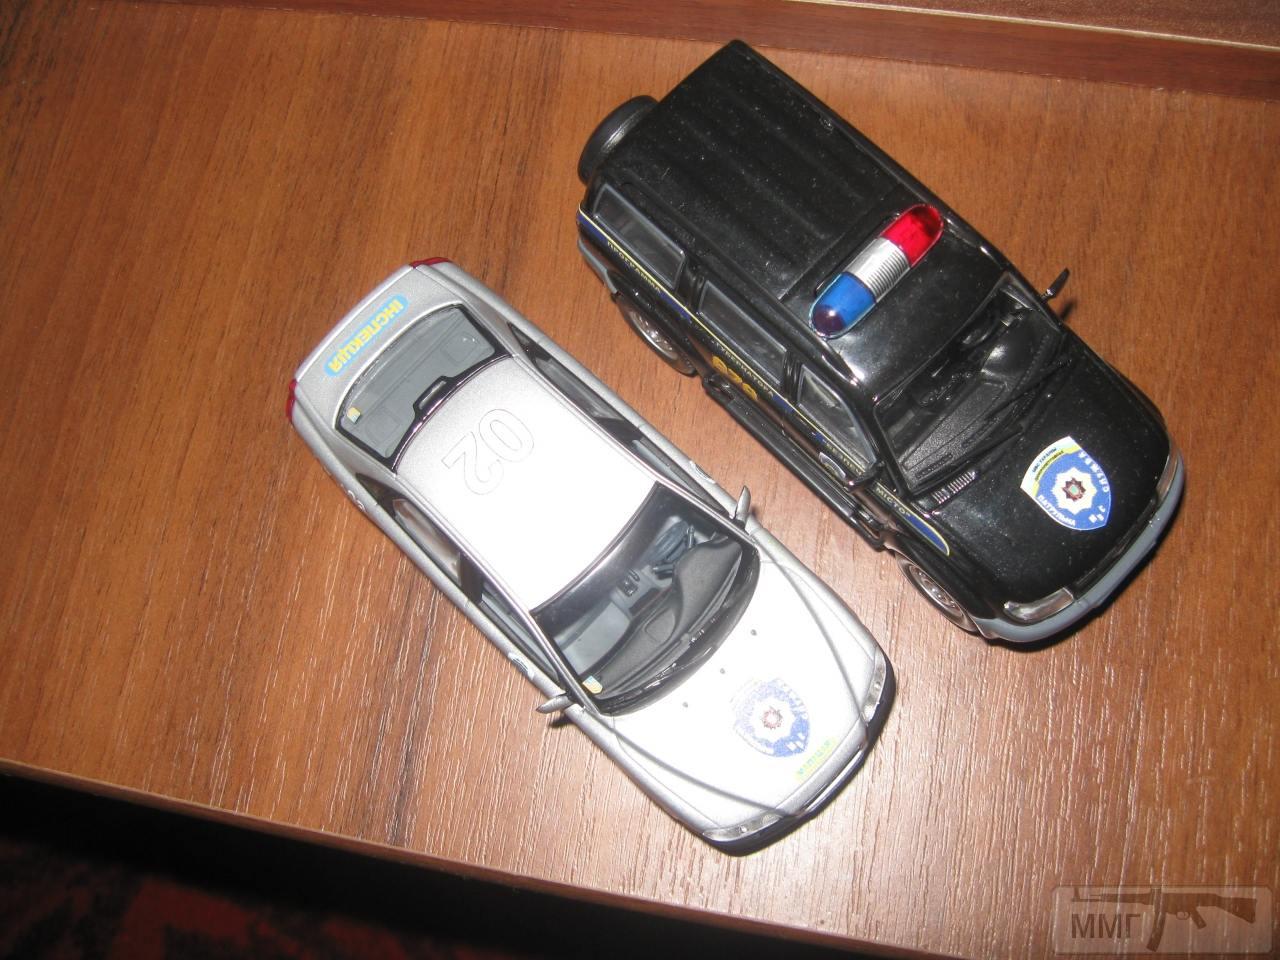 33881 - Модели легковых автомобилей